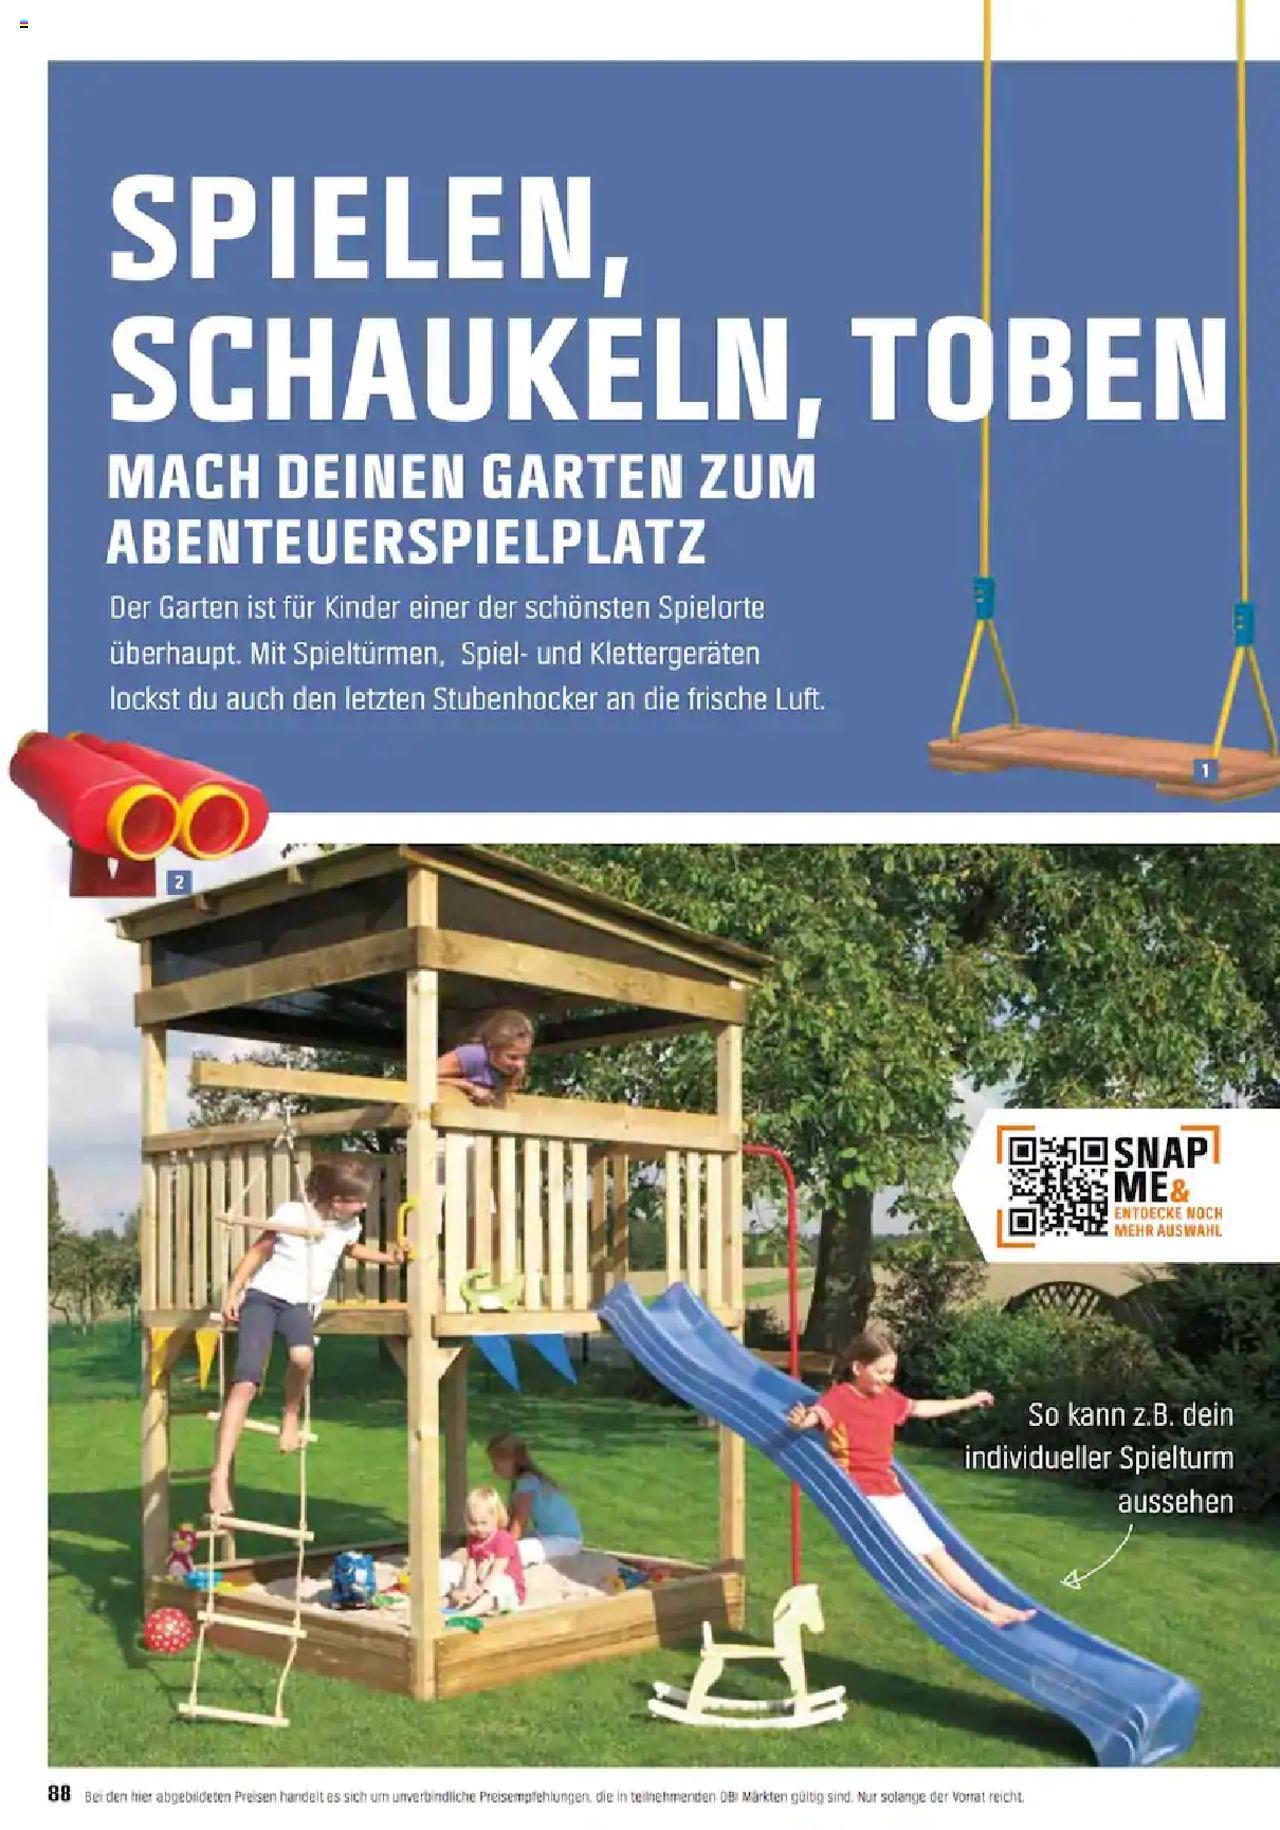 Full Size of Obi Garten Planen Und Gestalten 2020 Von Mittwoch 01012020 Kinderspielturm Bauhaus Fenster Spielturm Wohnzimmer Spielturm Bauhaus